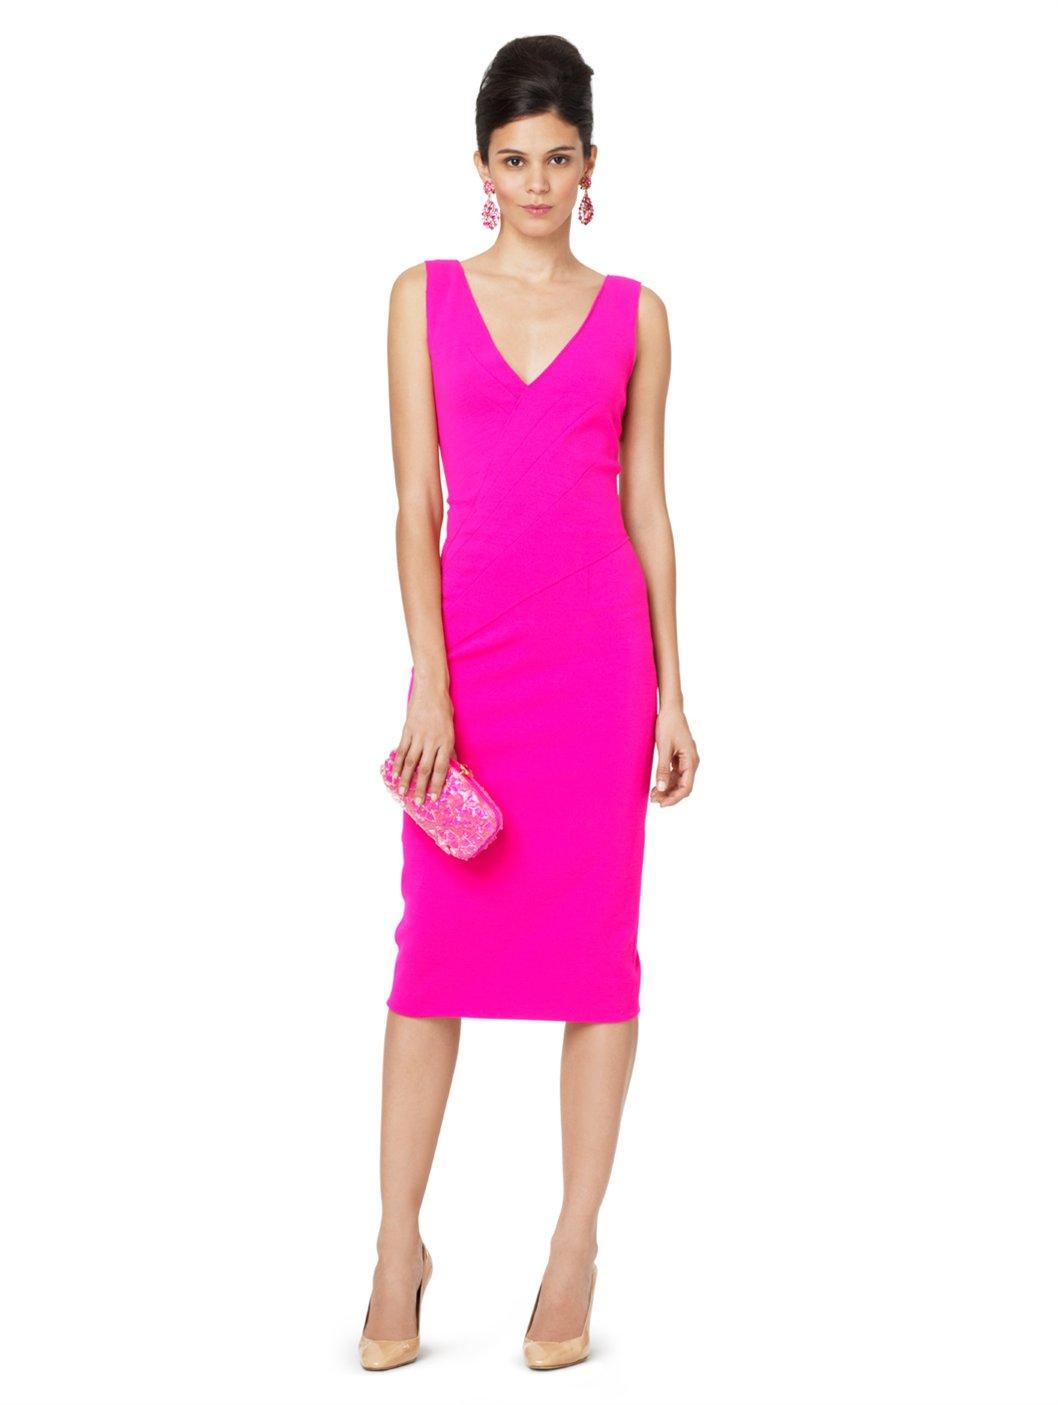 Oscar de la renta Sleeveless Vneck Drape Front Dress in Pink - Lyst